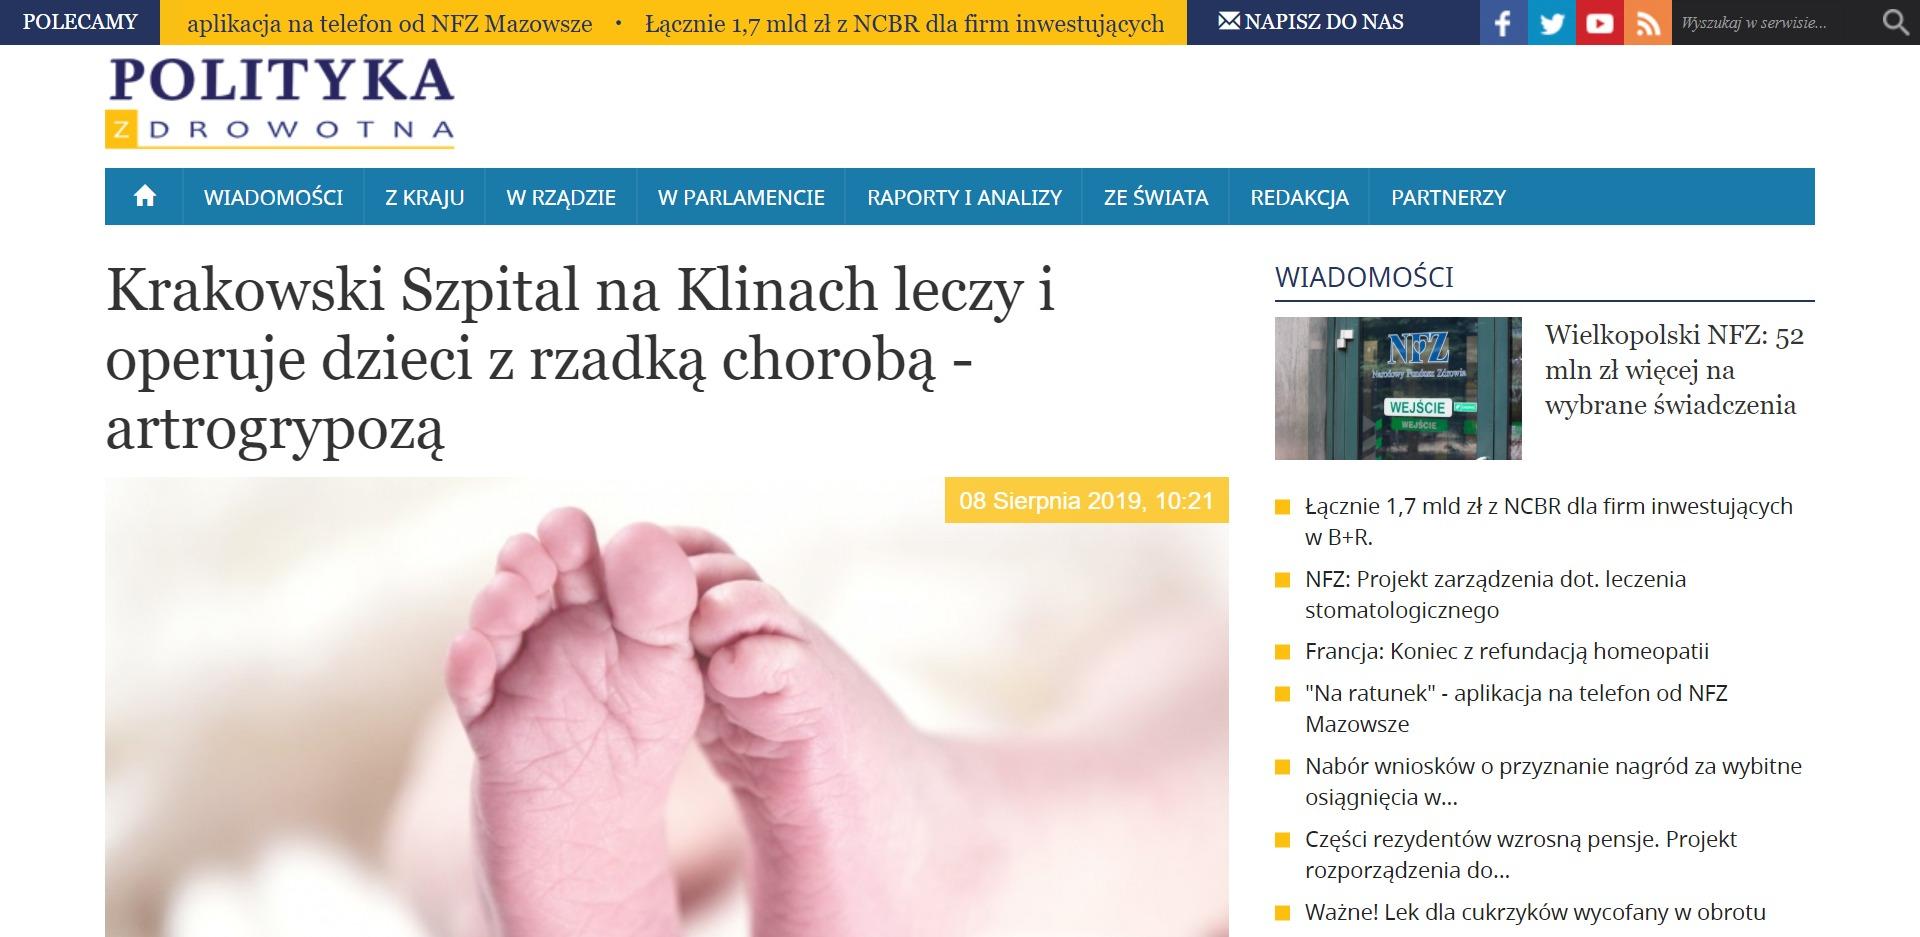 Krakowski Szpital na Klinach leczy i operuje dzieci z rzadką chorobą - artrogrypozą